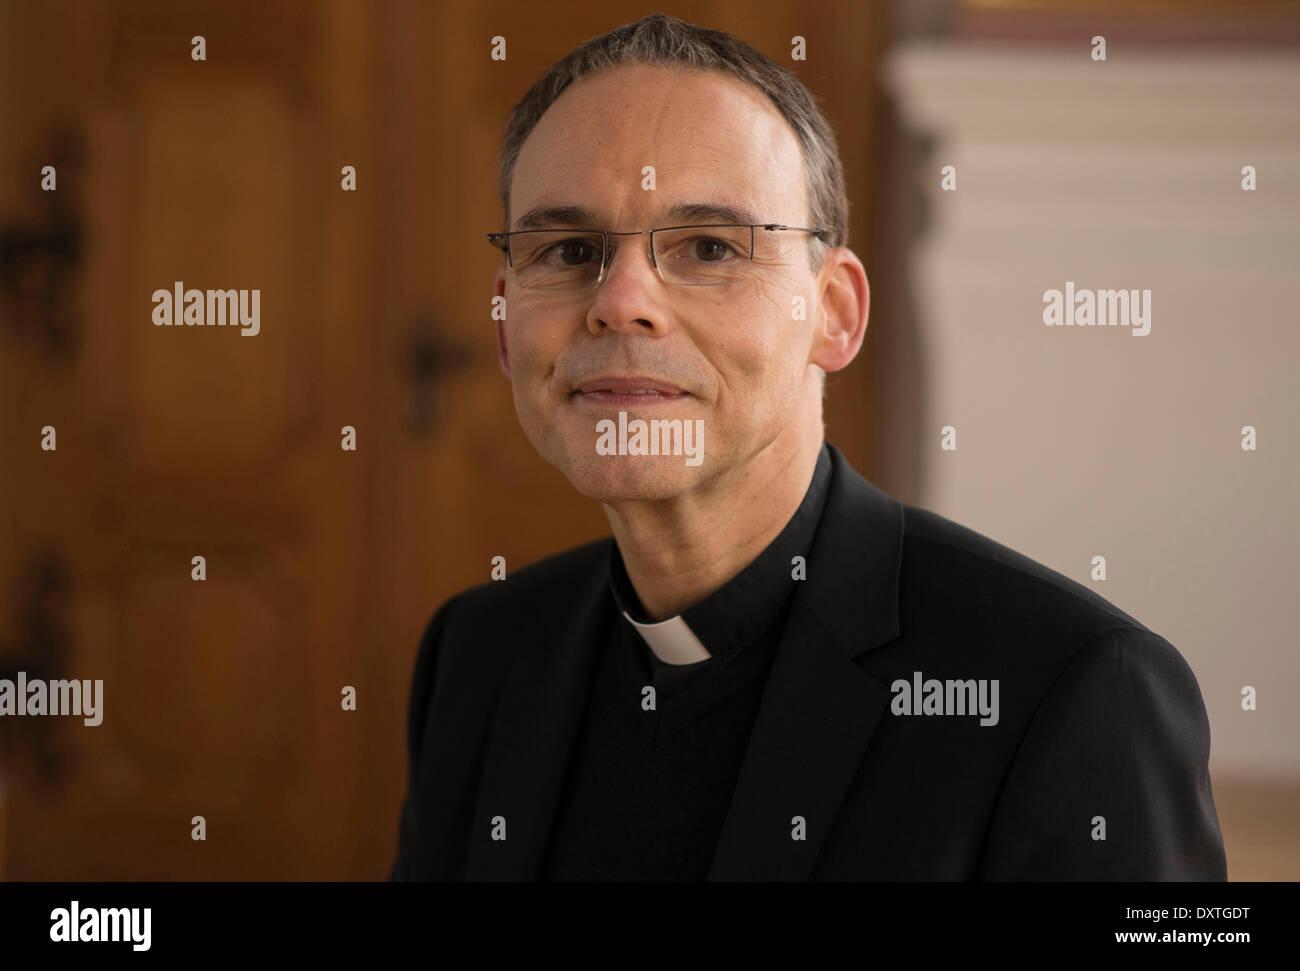 Bishop Franz-Peter Tebartz-van-Elst in the monastery Metten on 29 January 2014. Stock Photo